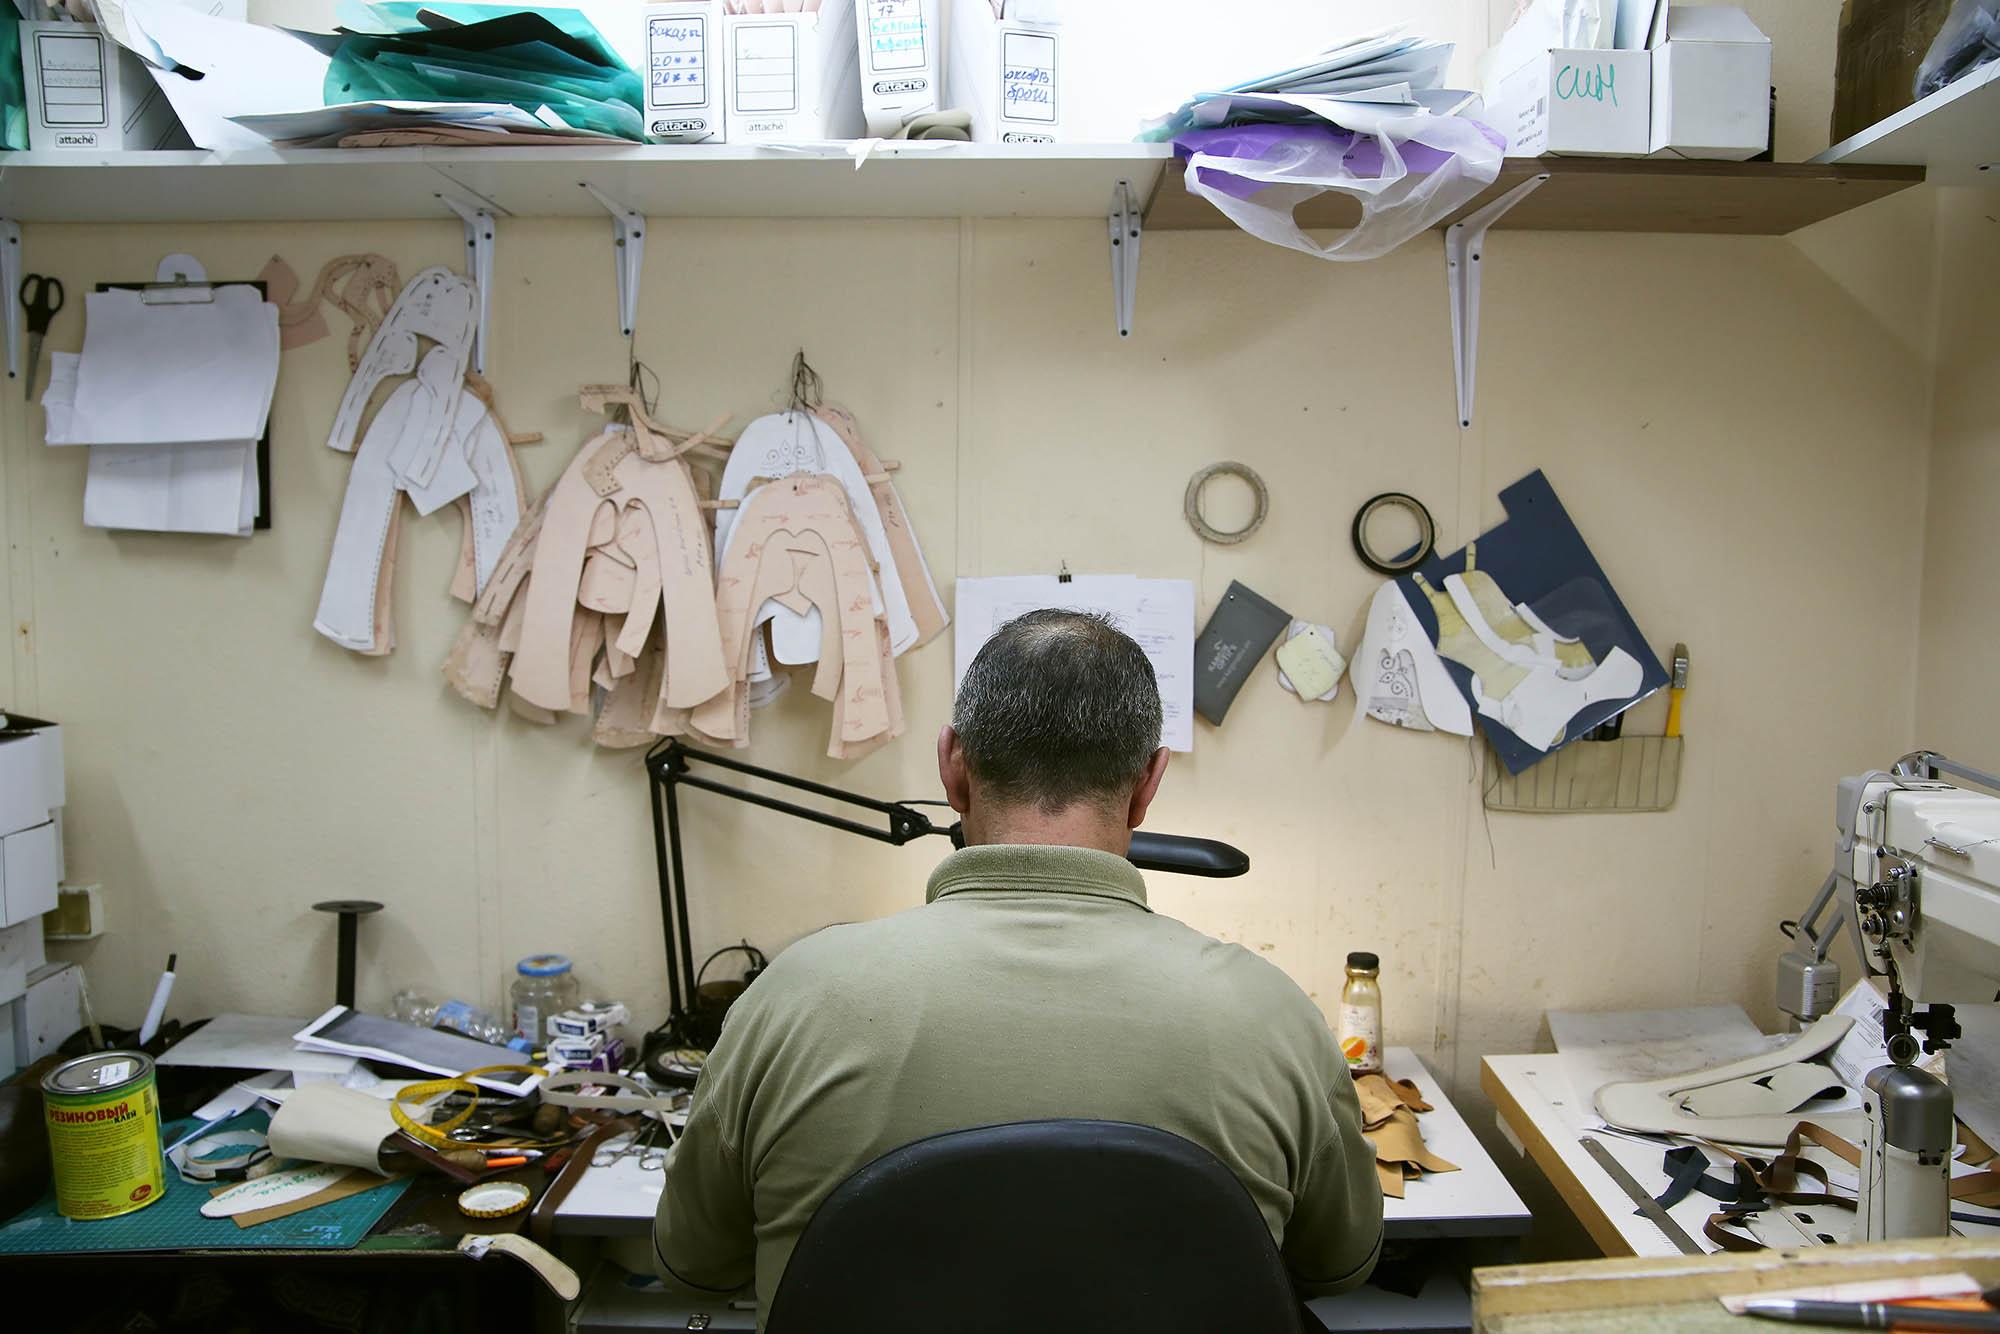 Так выглядит рабочее место в цеху. Мастер делает выкройку для новой пары обуви